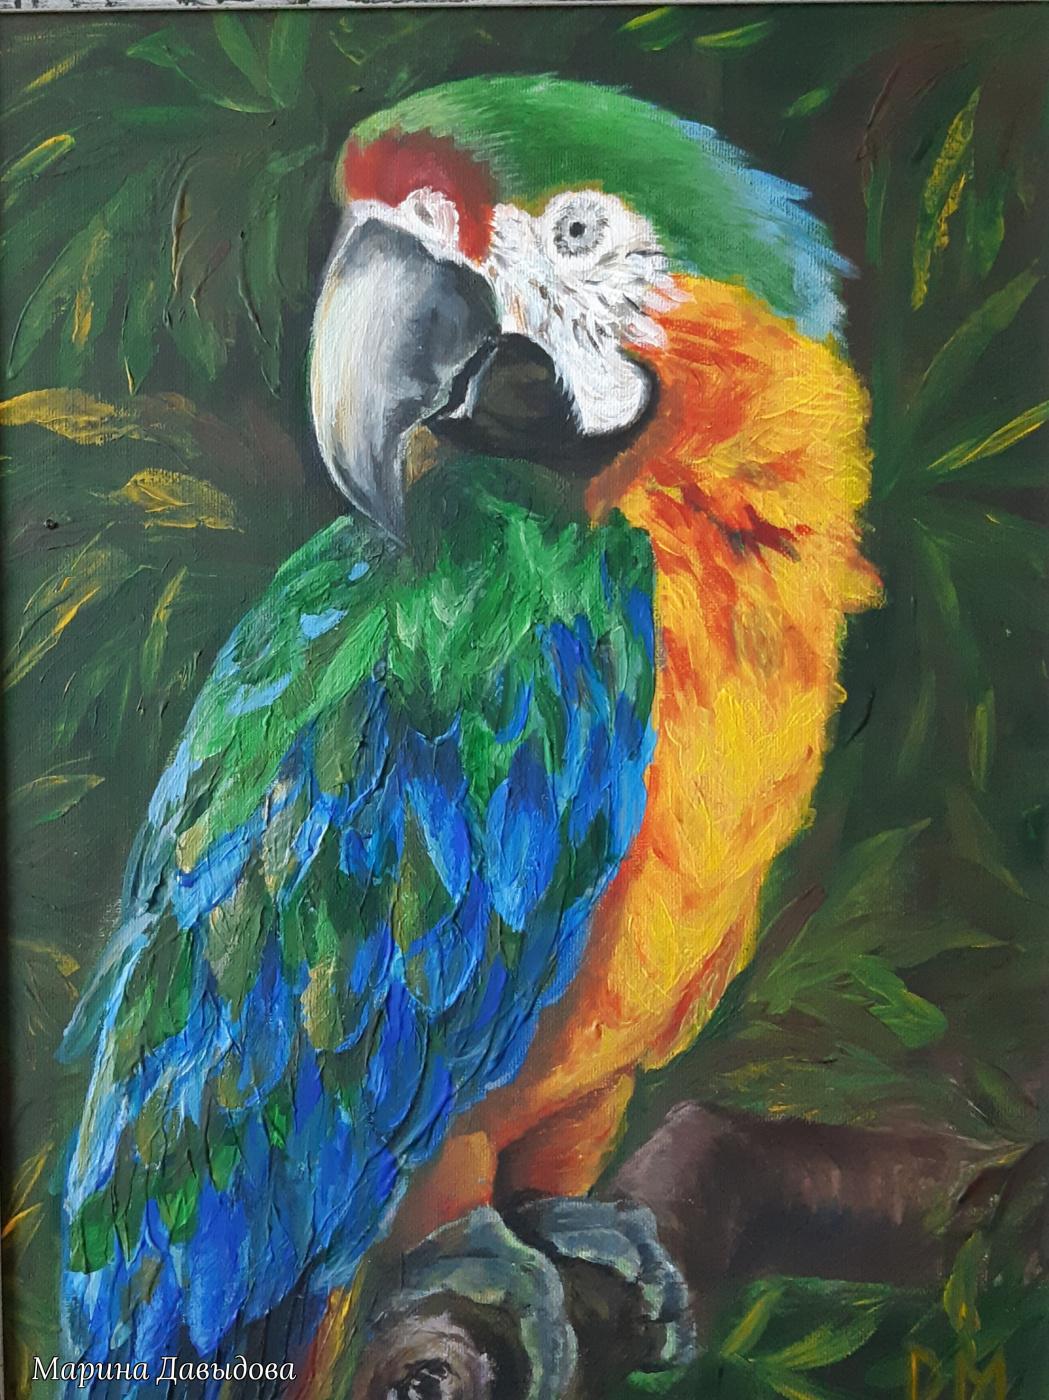 Марина Давыдова. Краски джунглей. Ара